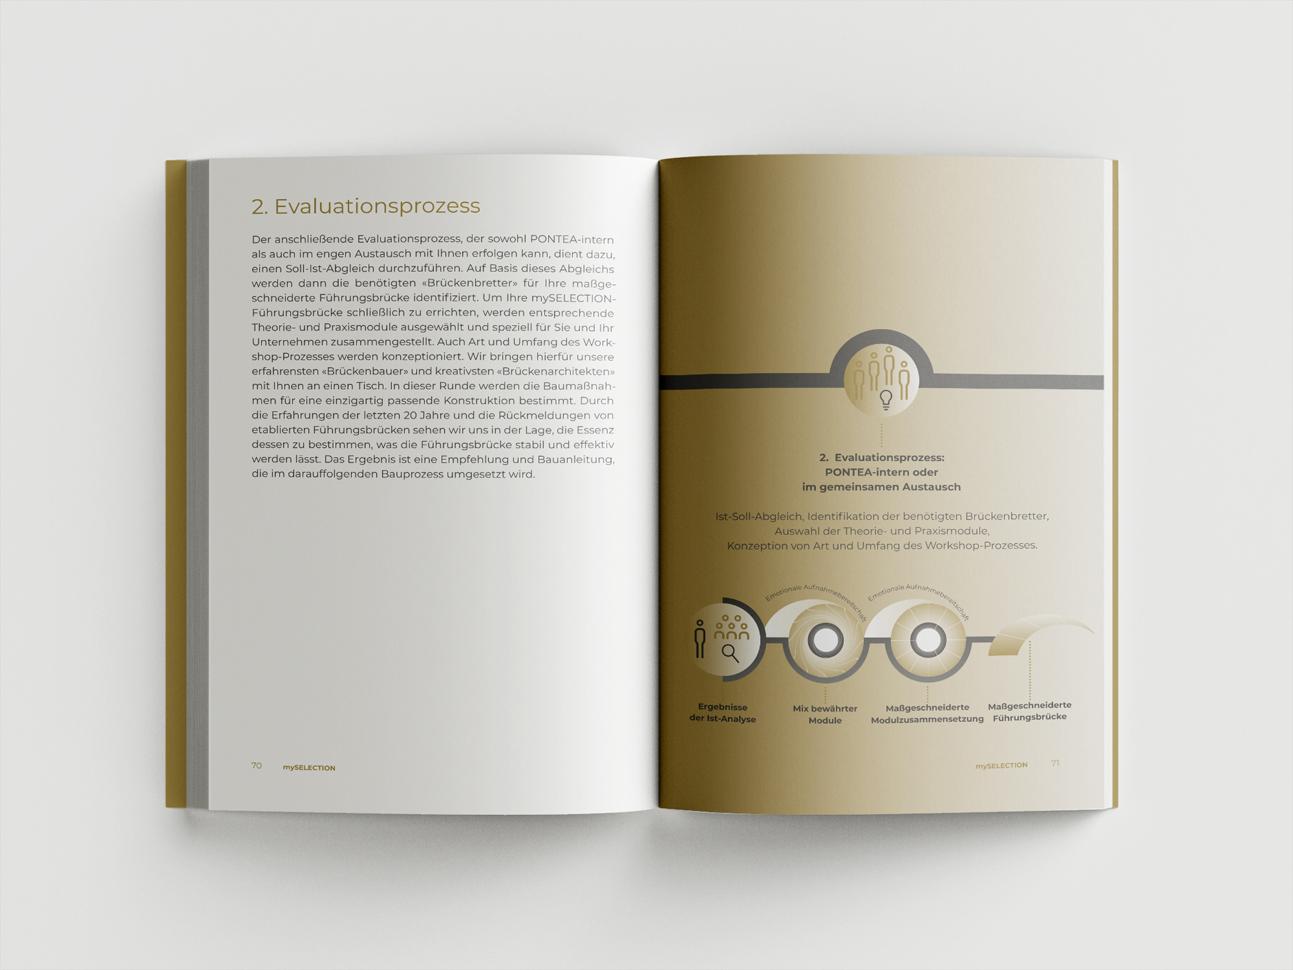 martin zech design, buchgestaltung, atilla vuran, mypontea, doppelseite 9